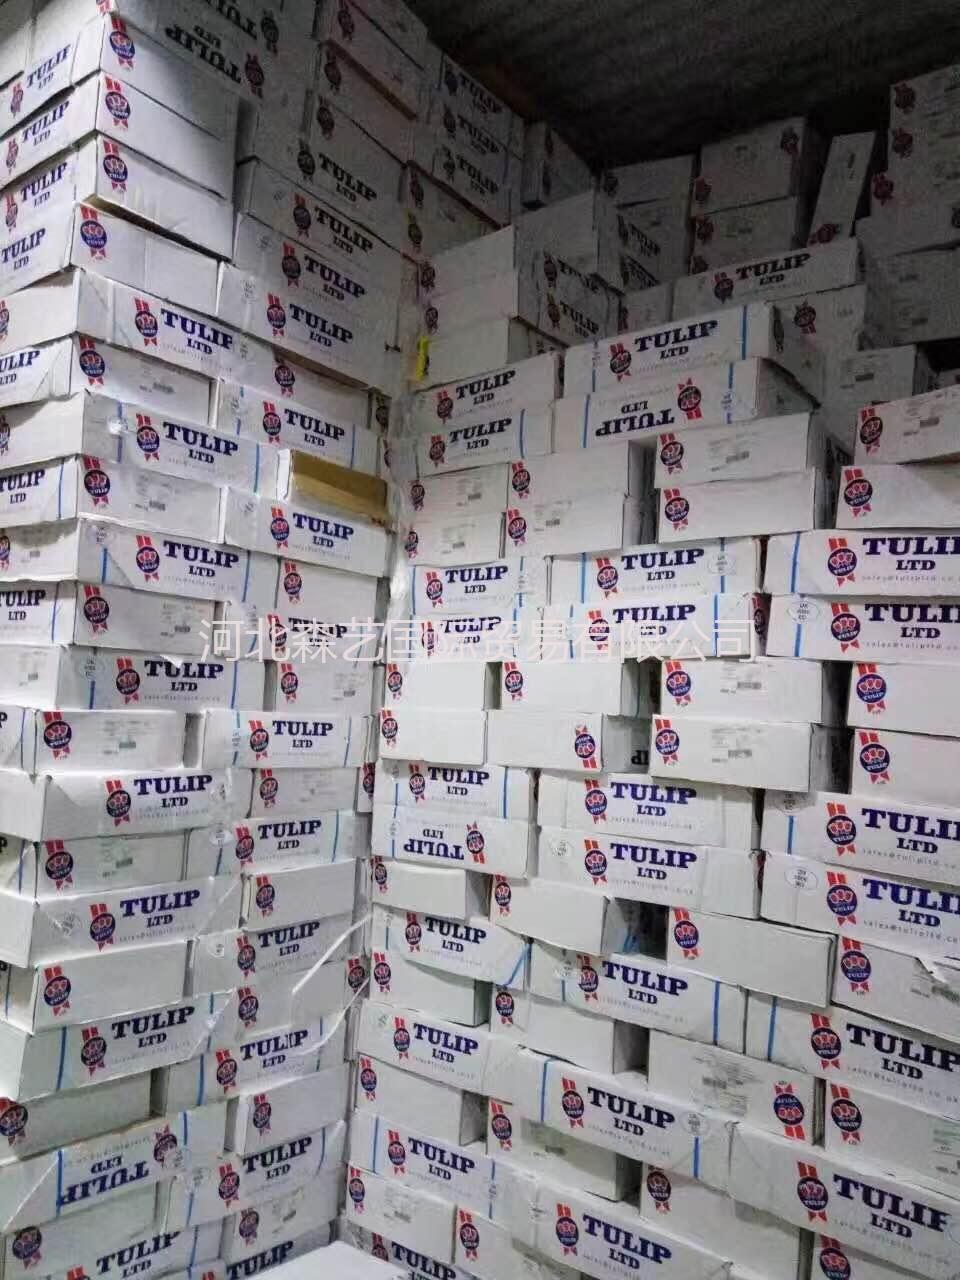 供应 进口猪颈骨 冷冻猪颈骨 英国4085(5091)厂 肉多 颜色好